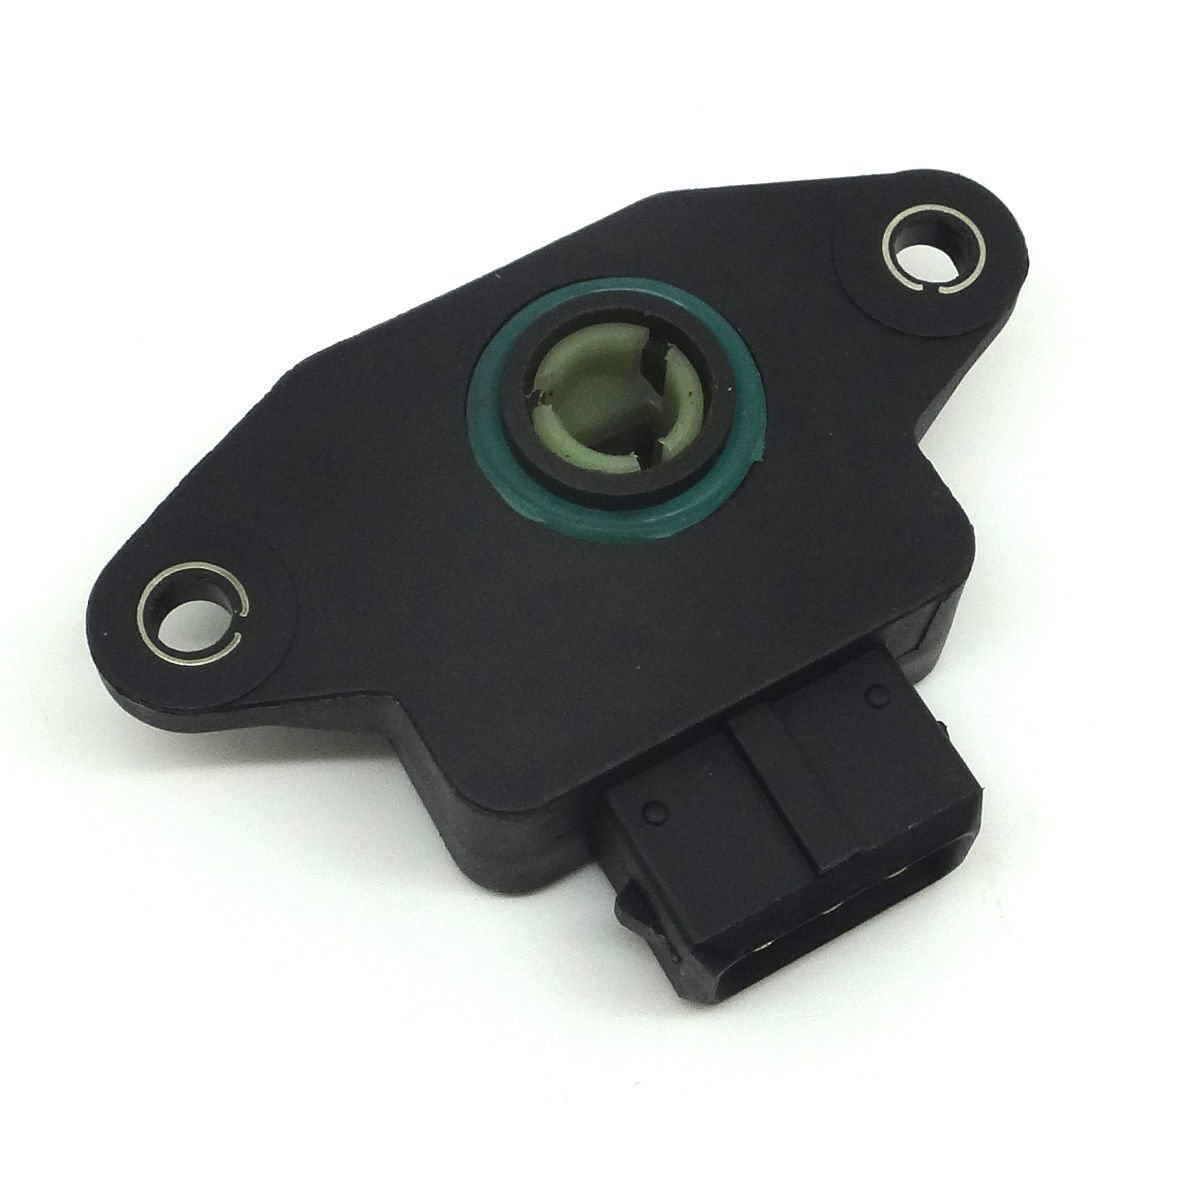 Sensore di posizione acceleratore TPS Fit per Volvo Ferrari Saab Porsche Koral 1336385 New 1990 Yugo GV 94460611600, 0280122001,17087655/EC3012/213 –  894/TH51 17087655/EC3012/213-894/TH51 Yihao